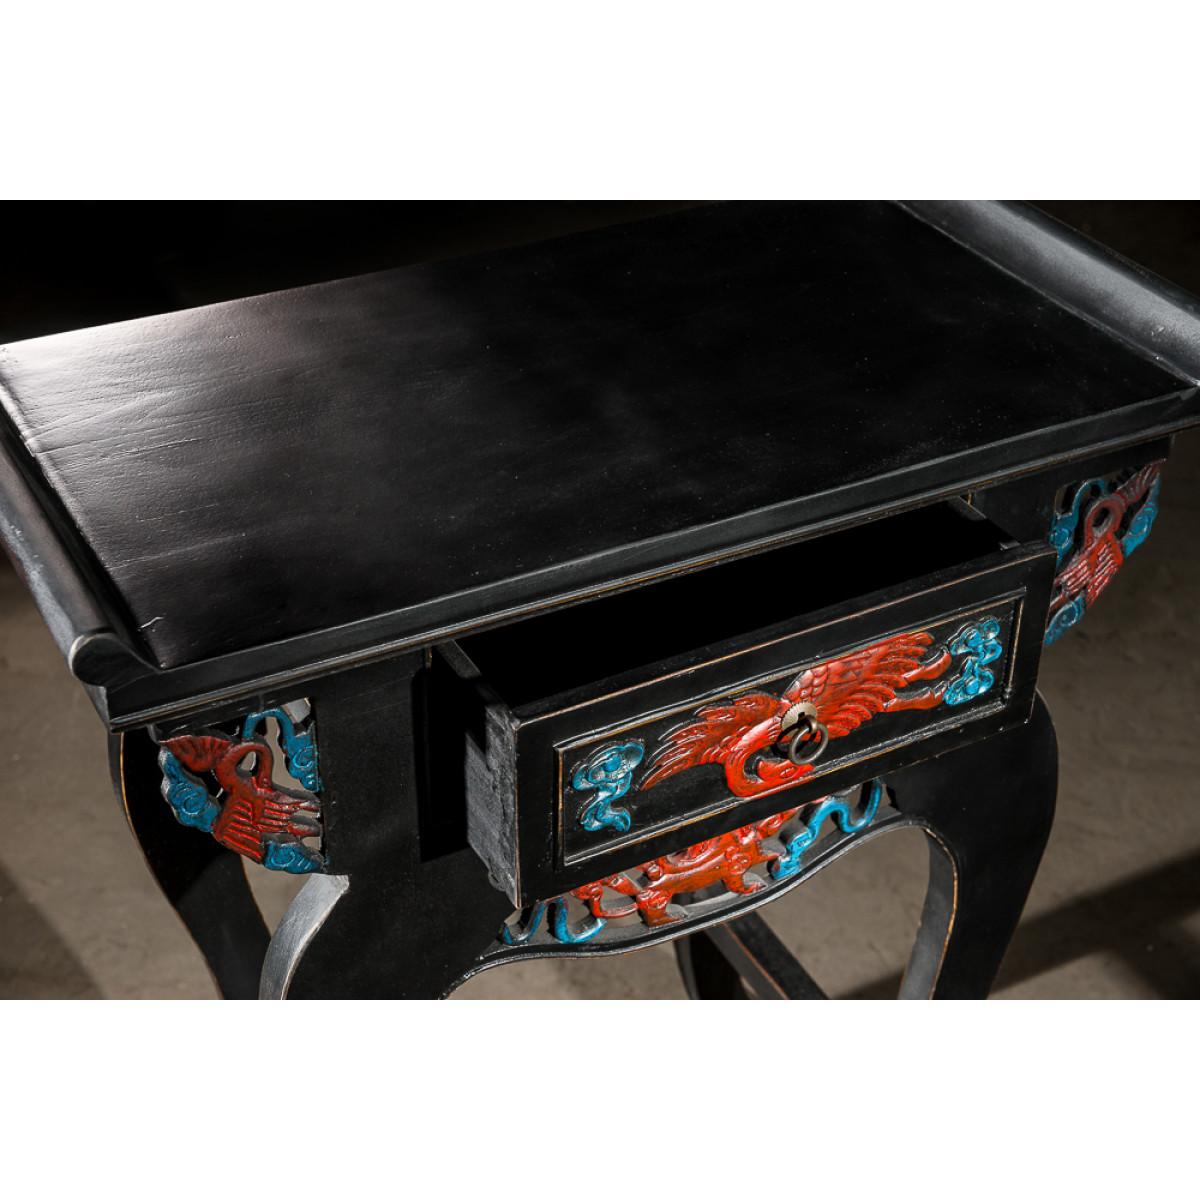 BF-20062 Лянь-Лянь-эр-чу-чаэ - узкая консоль украшенная росписью по резьбе. Династия Мин